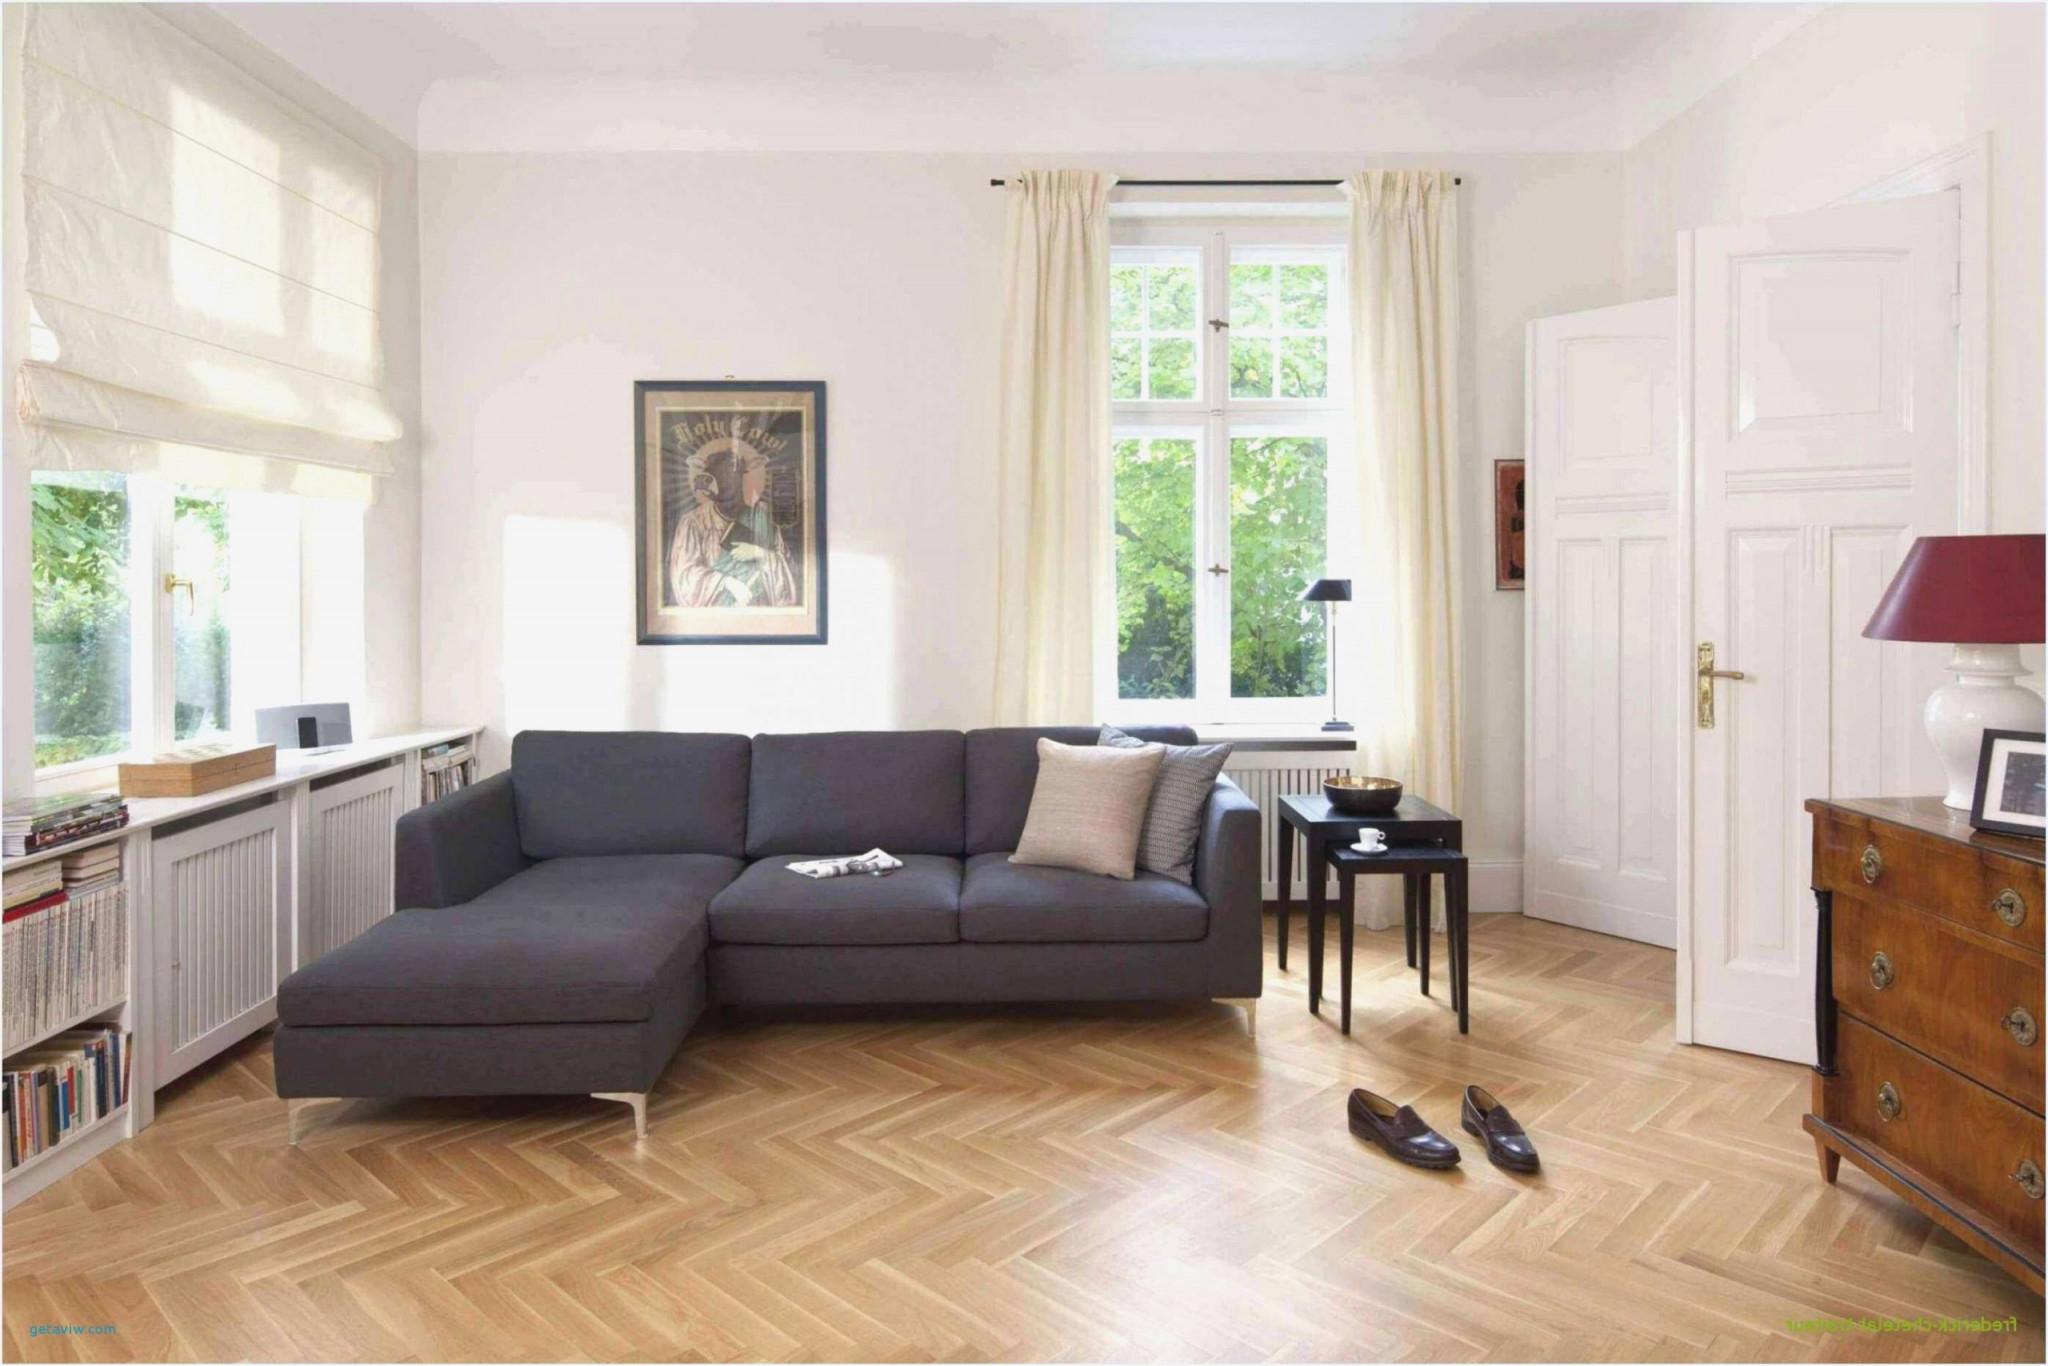 Groes Langes Wohnzimmer Einrichten  Wohnzimmer  Traumhaus von Langes Wohnzimmer Einrichten Bild